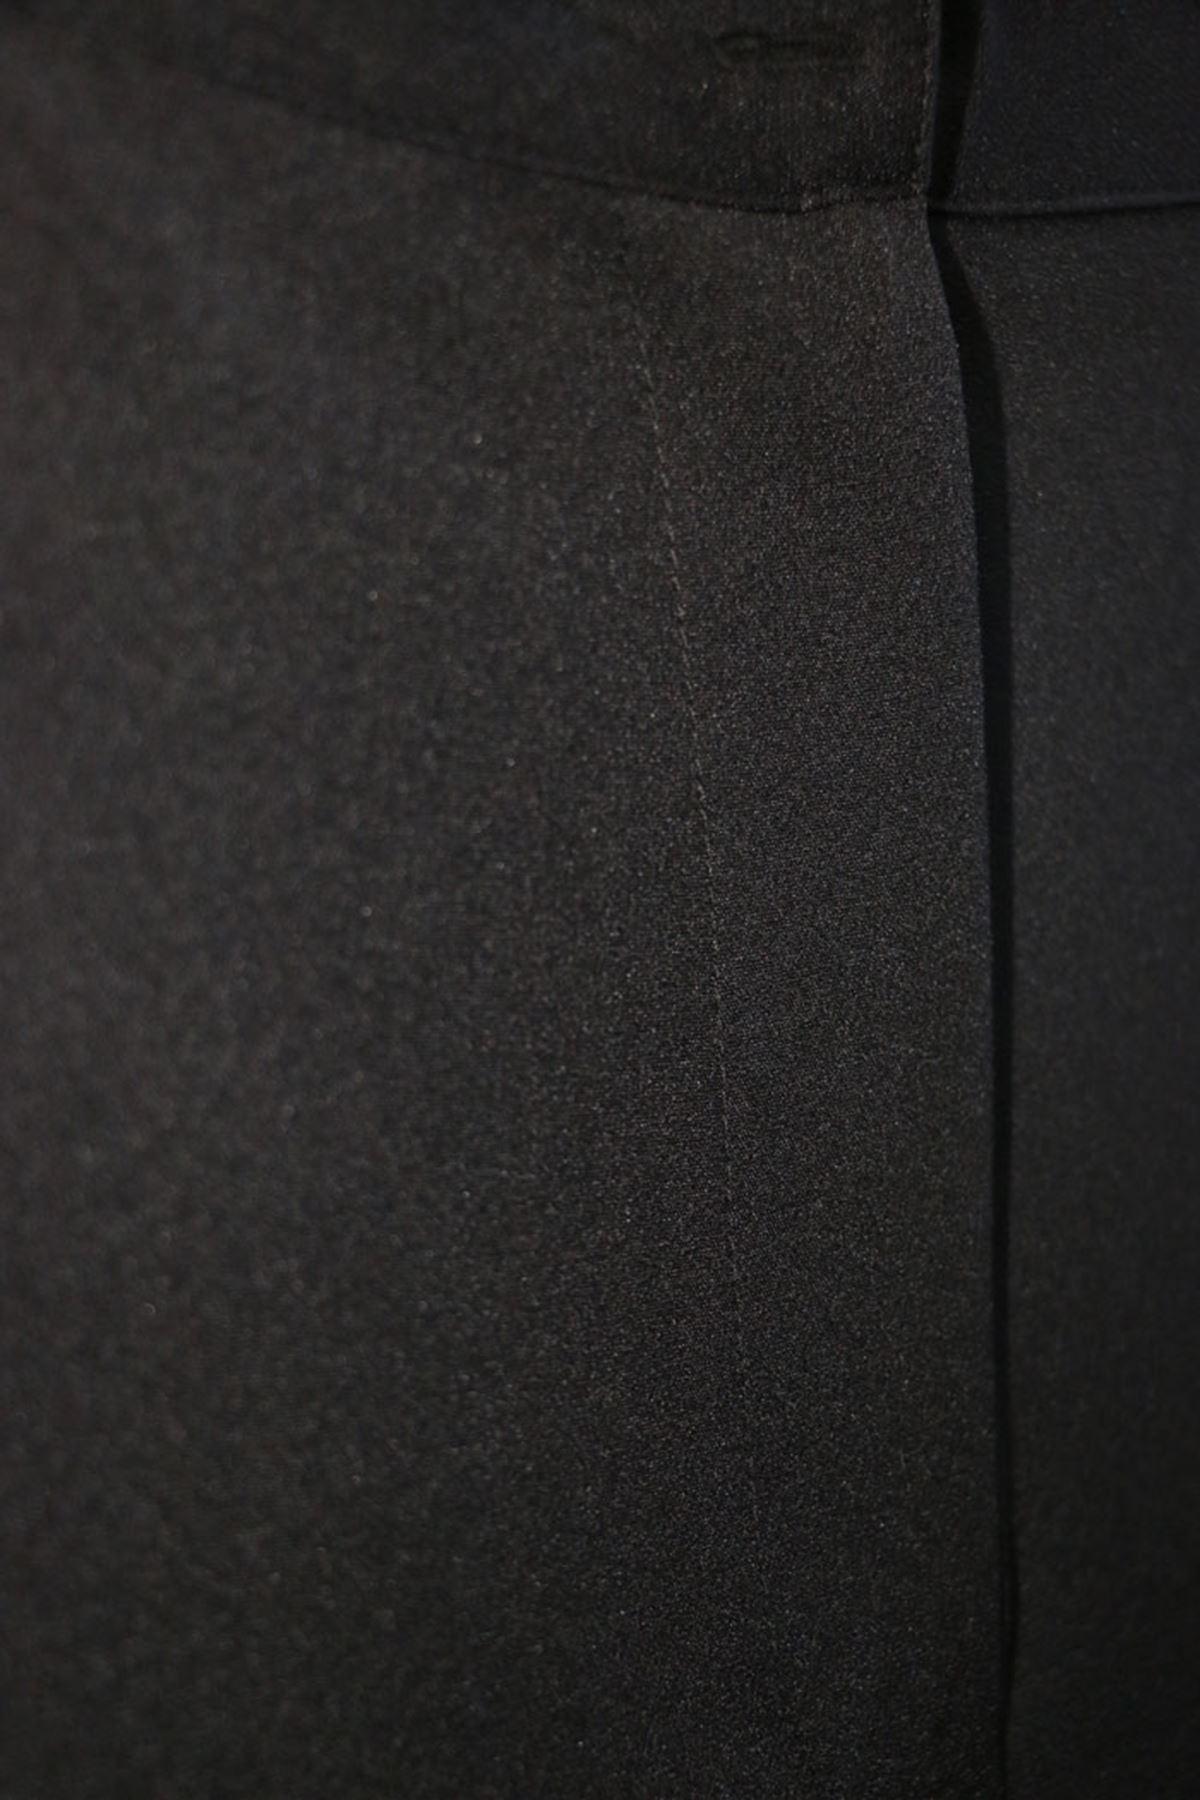 D-9008-5 Büyük Beden Beli Lastikli Defolu Pantolon - Siyah